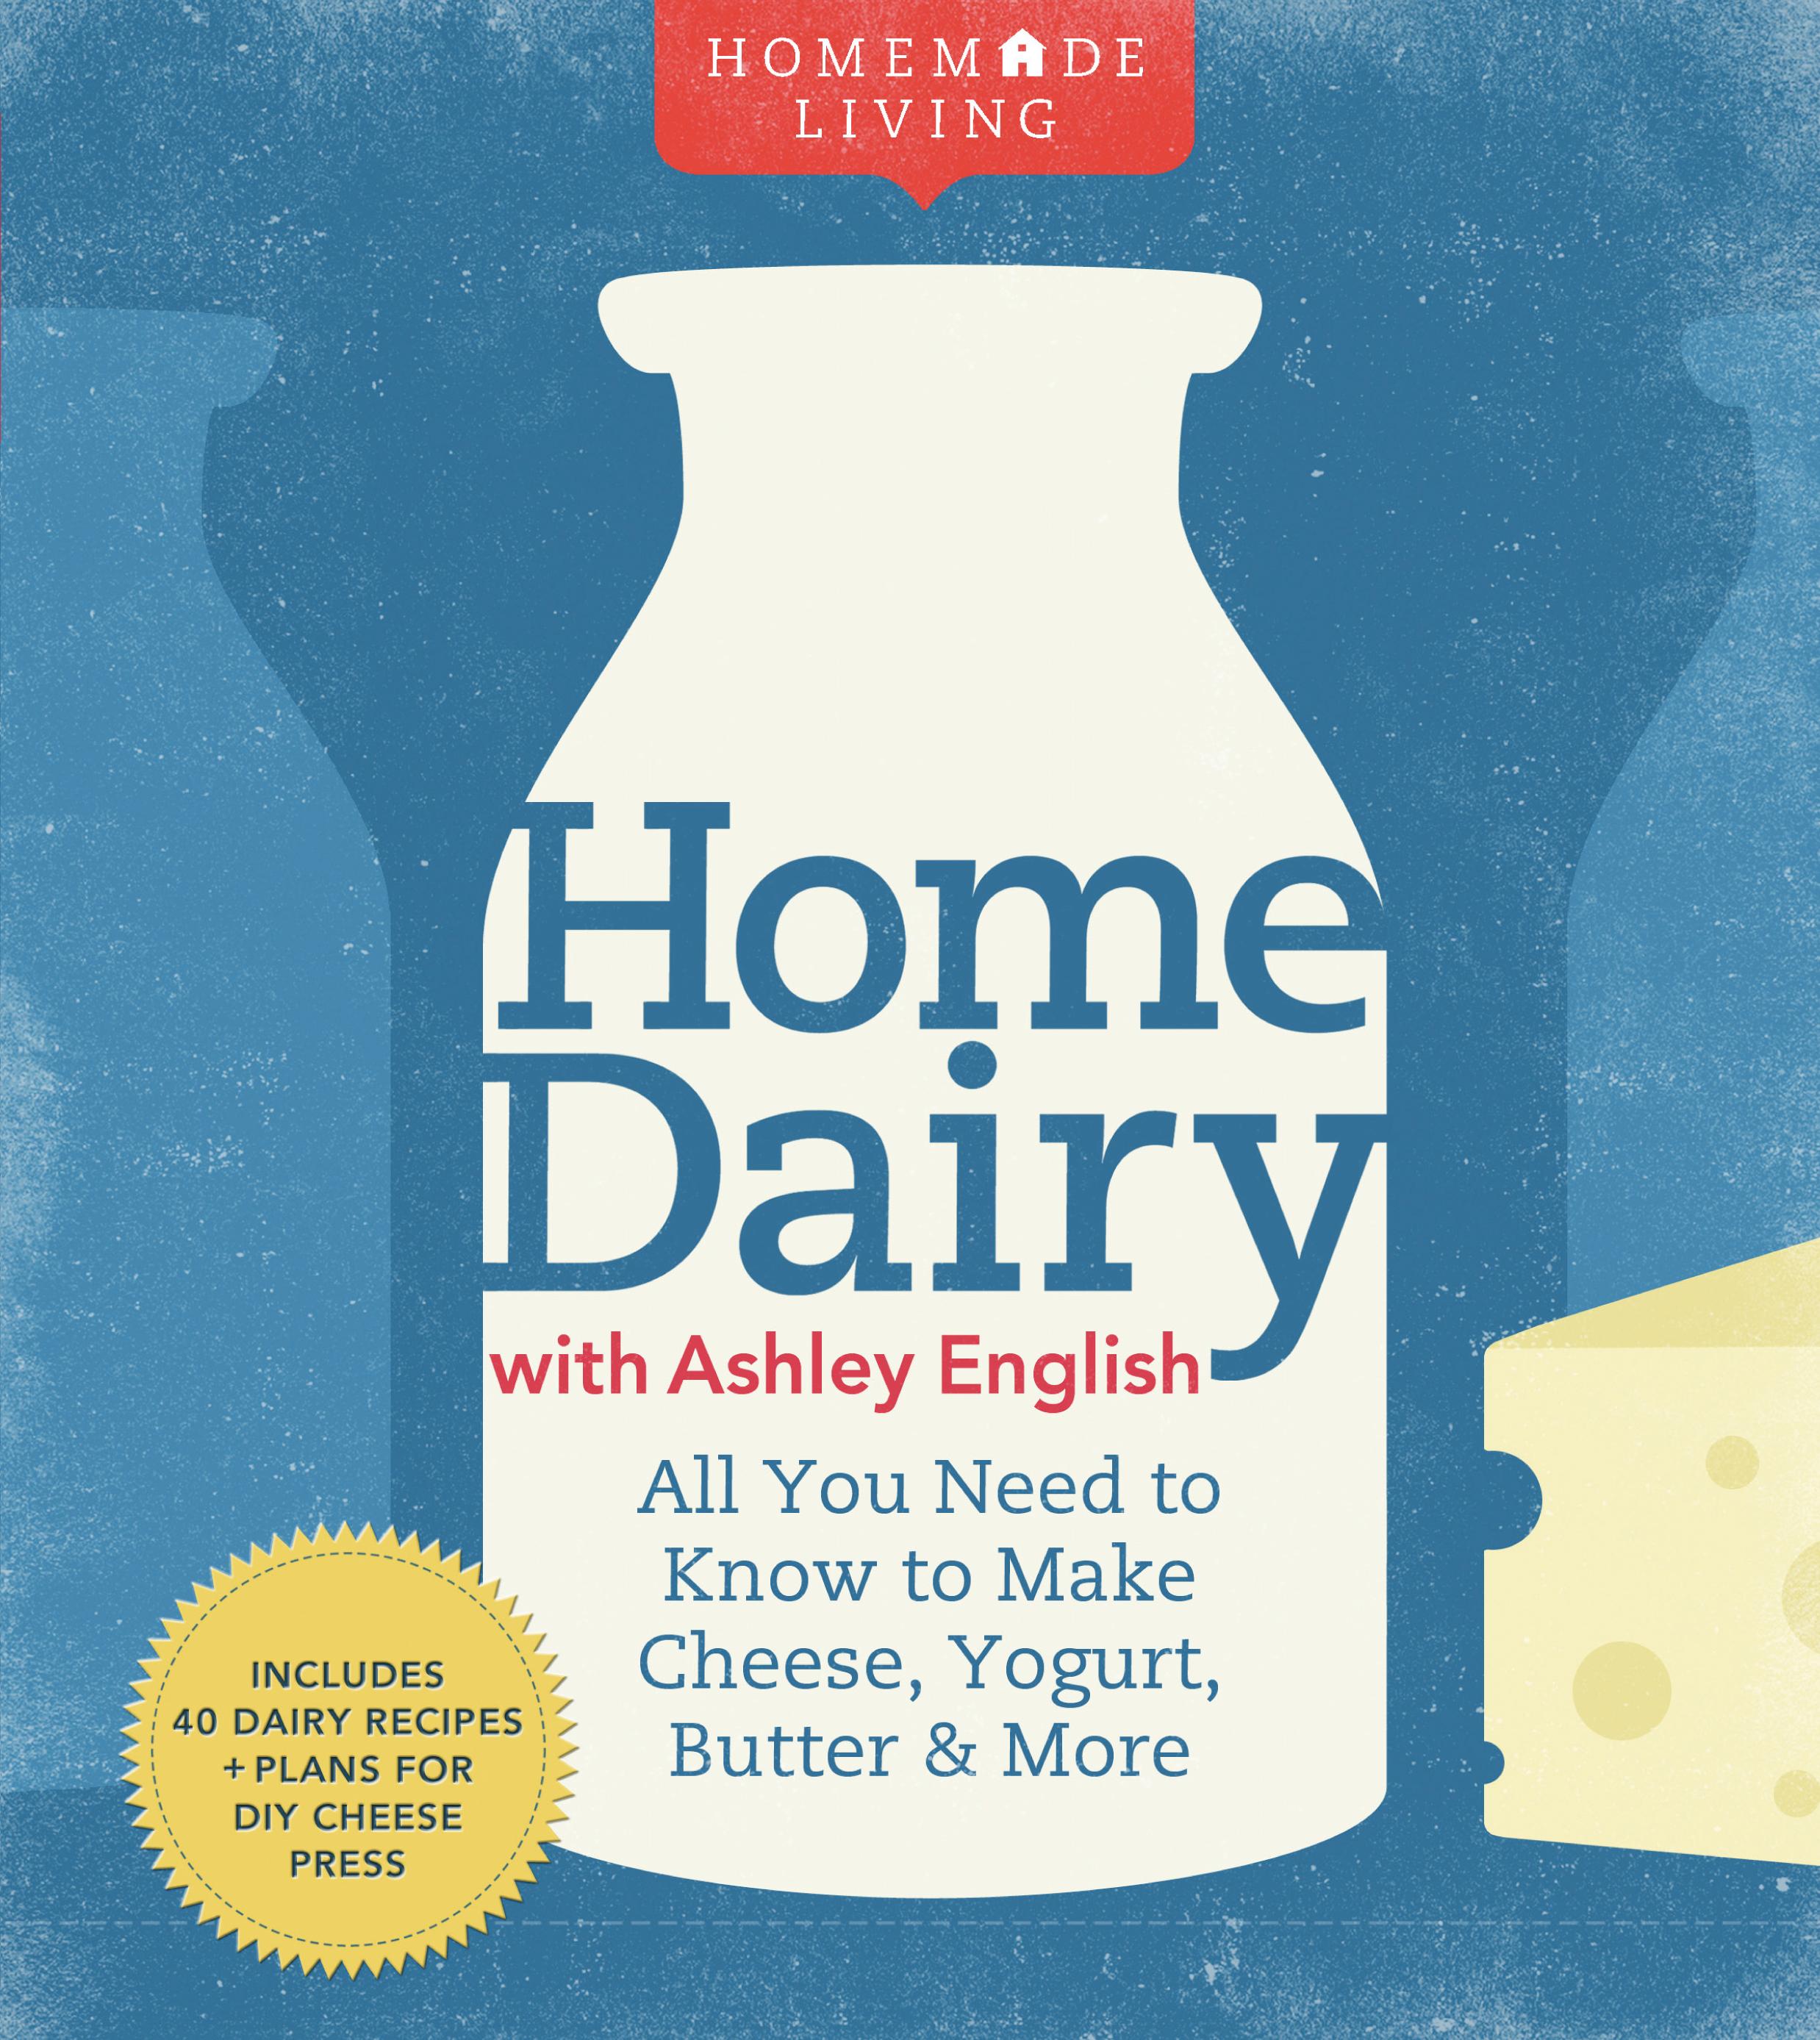 Homemade Living Dairy.jpg